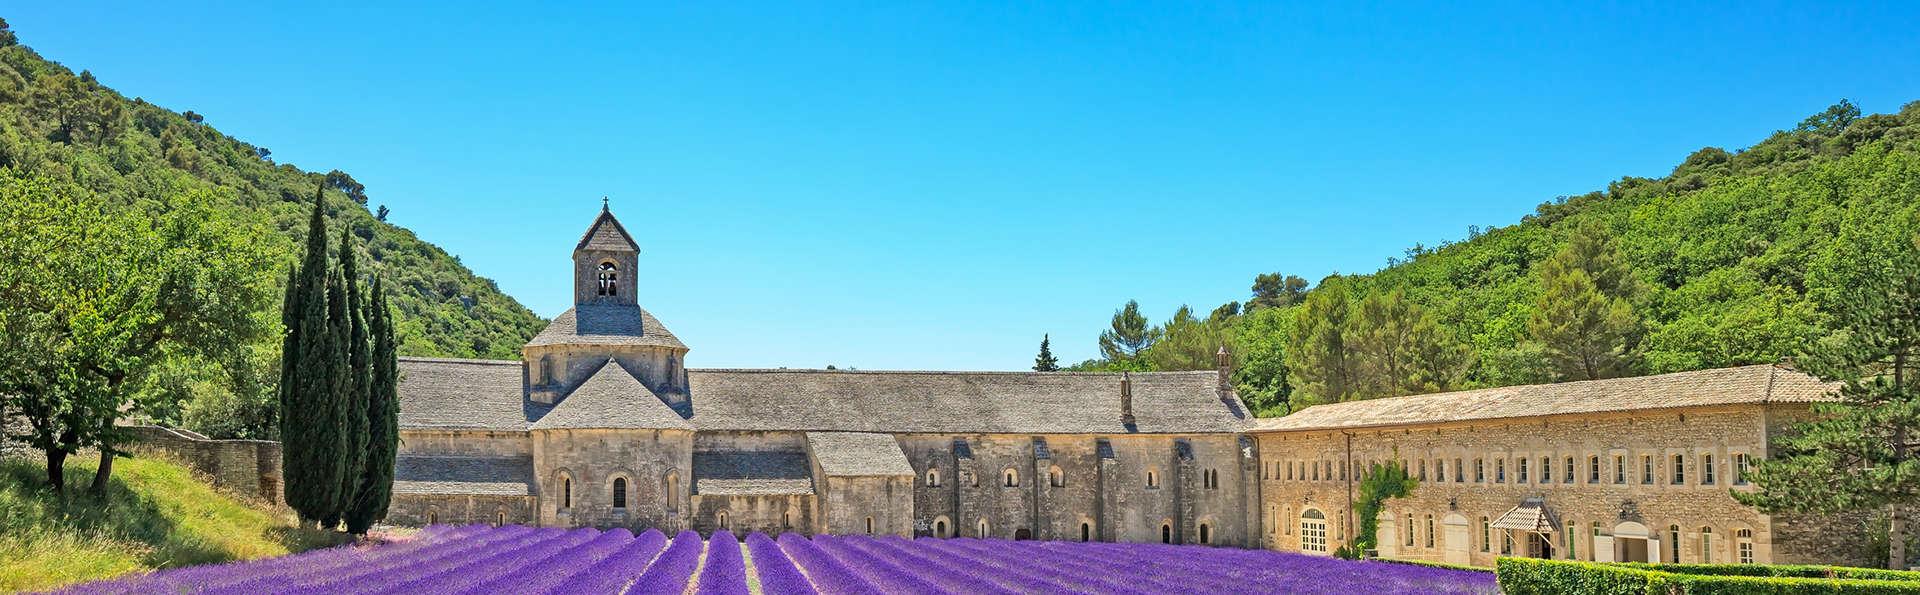 Découverte du Musée de la Lavande et pause gourmande à deux pas d'Avignon